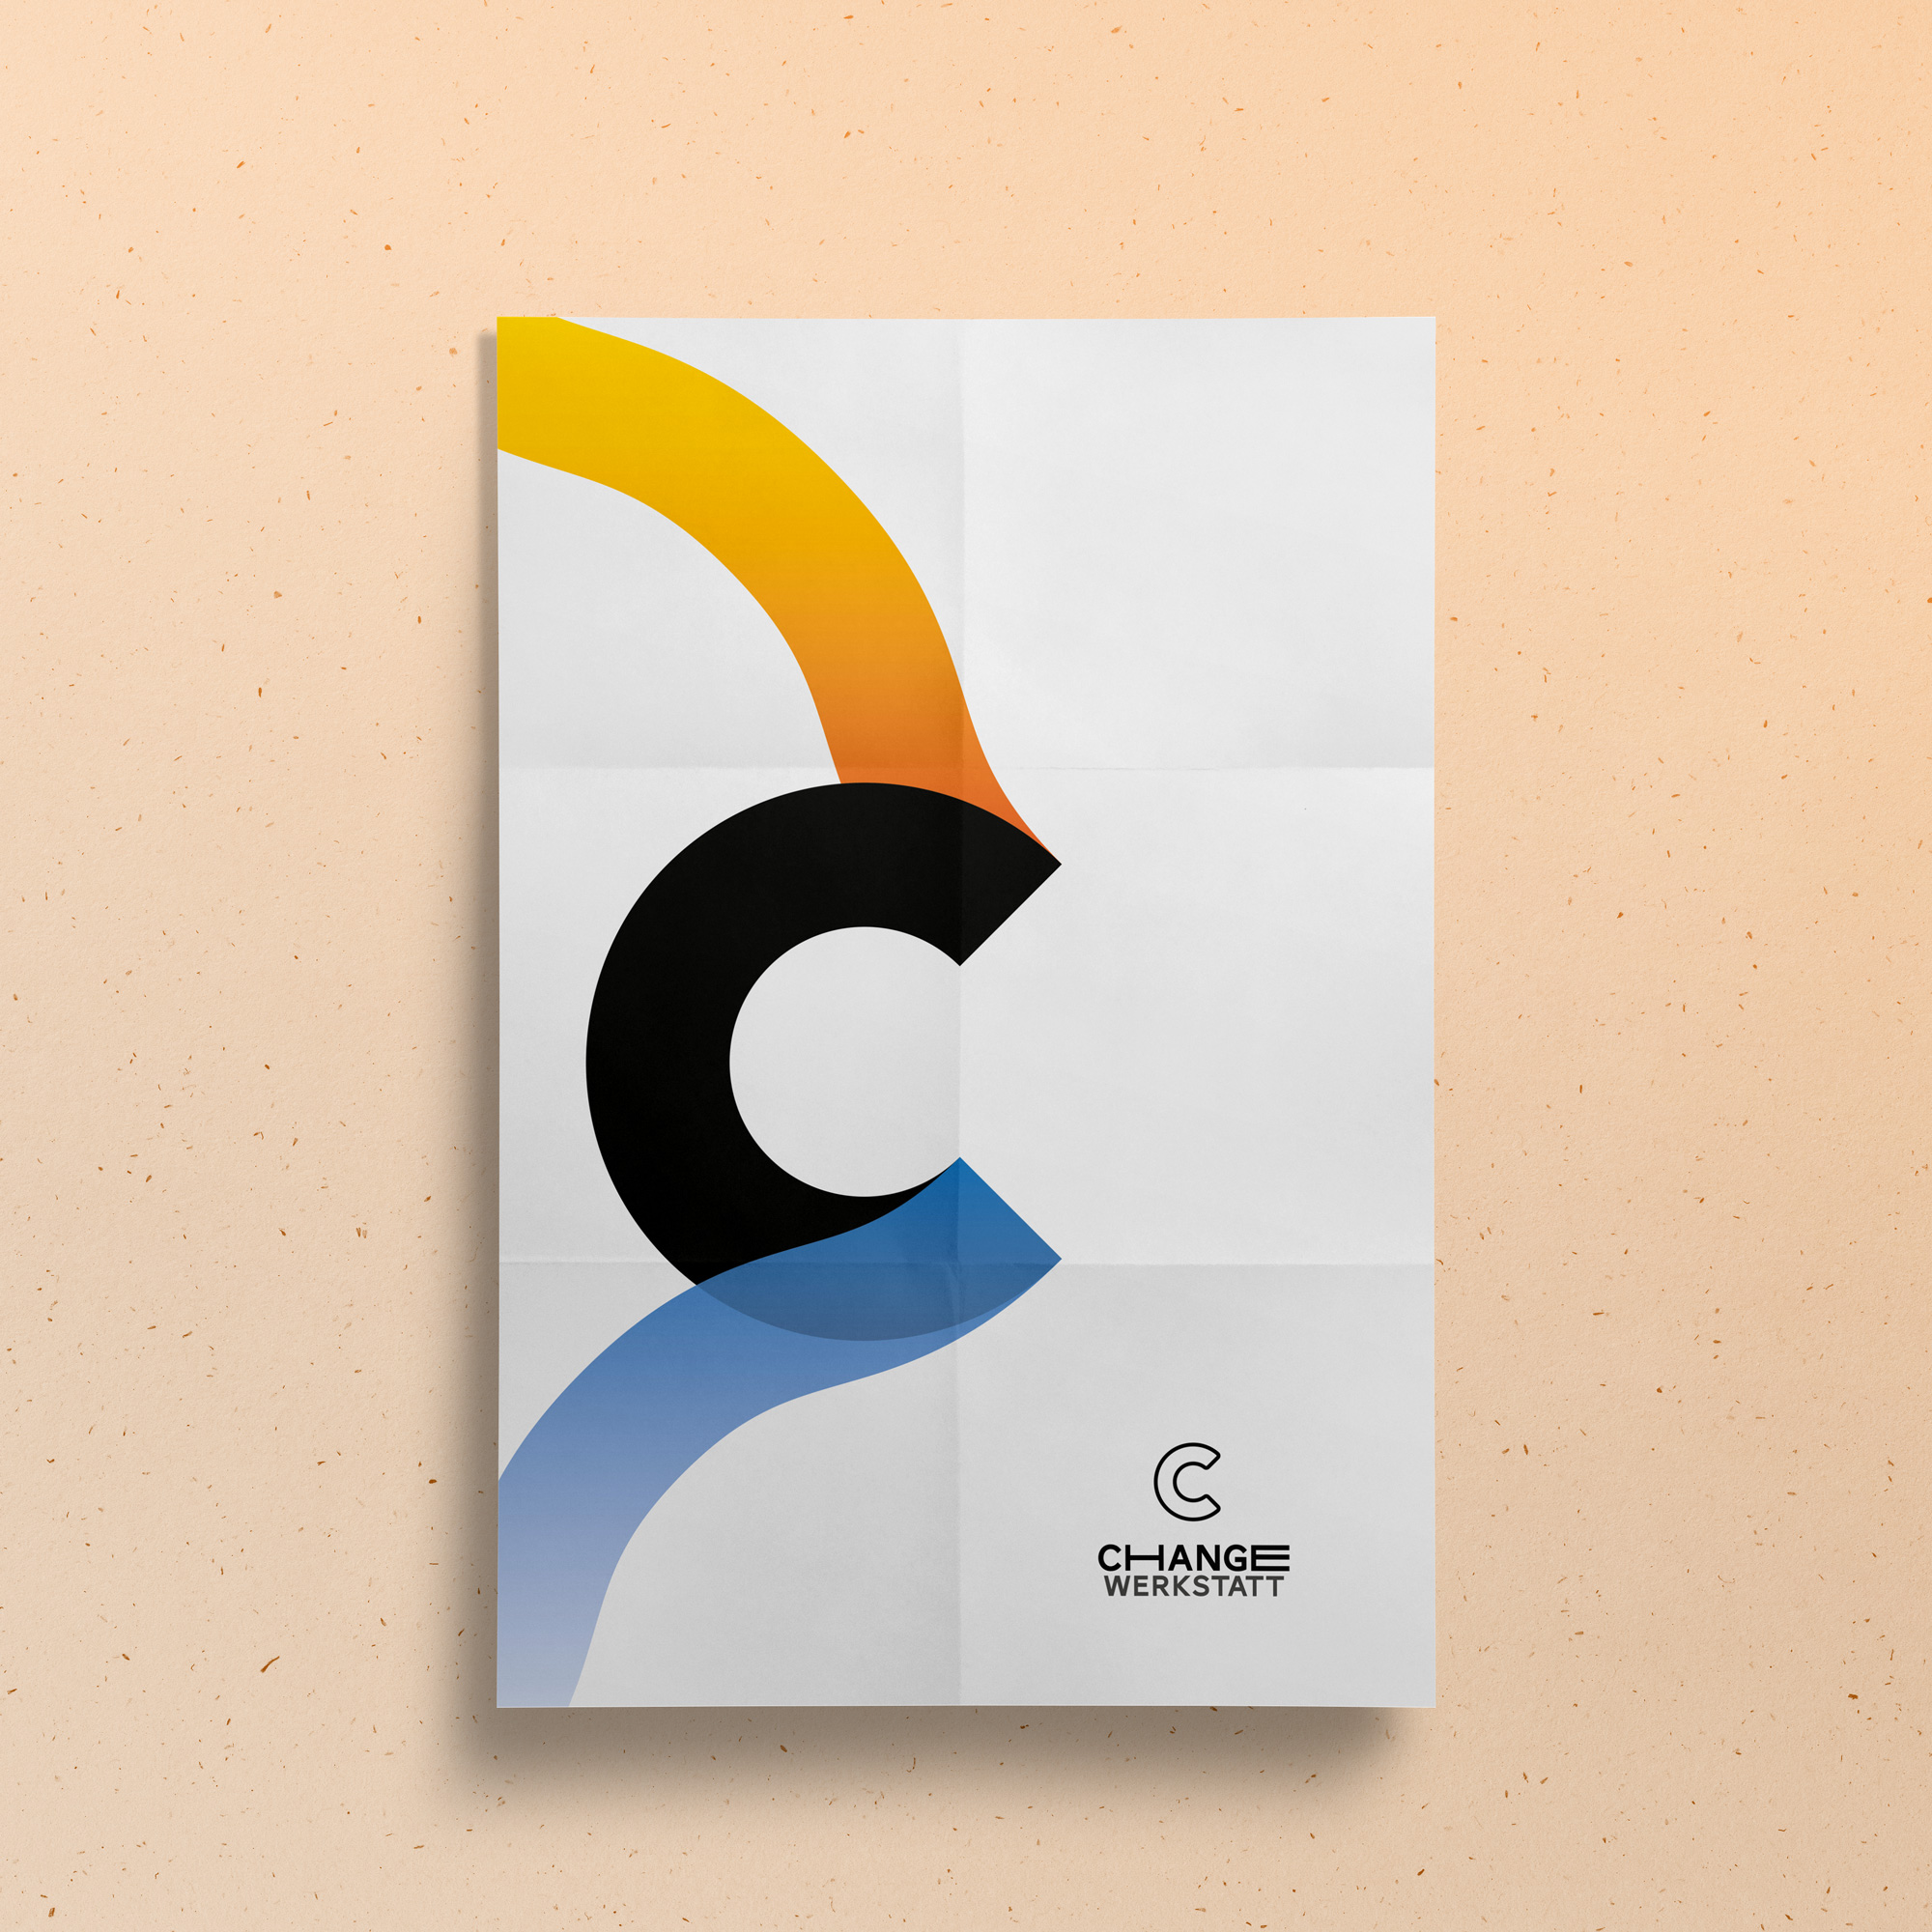 Change Werkstatt Identity CI designed by Tobias Heumann